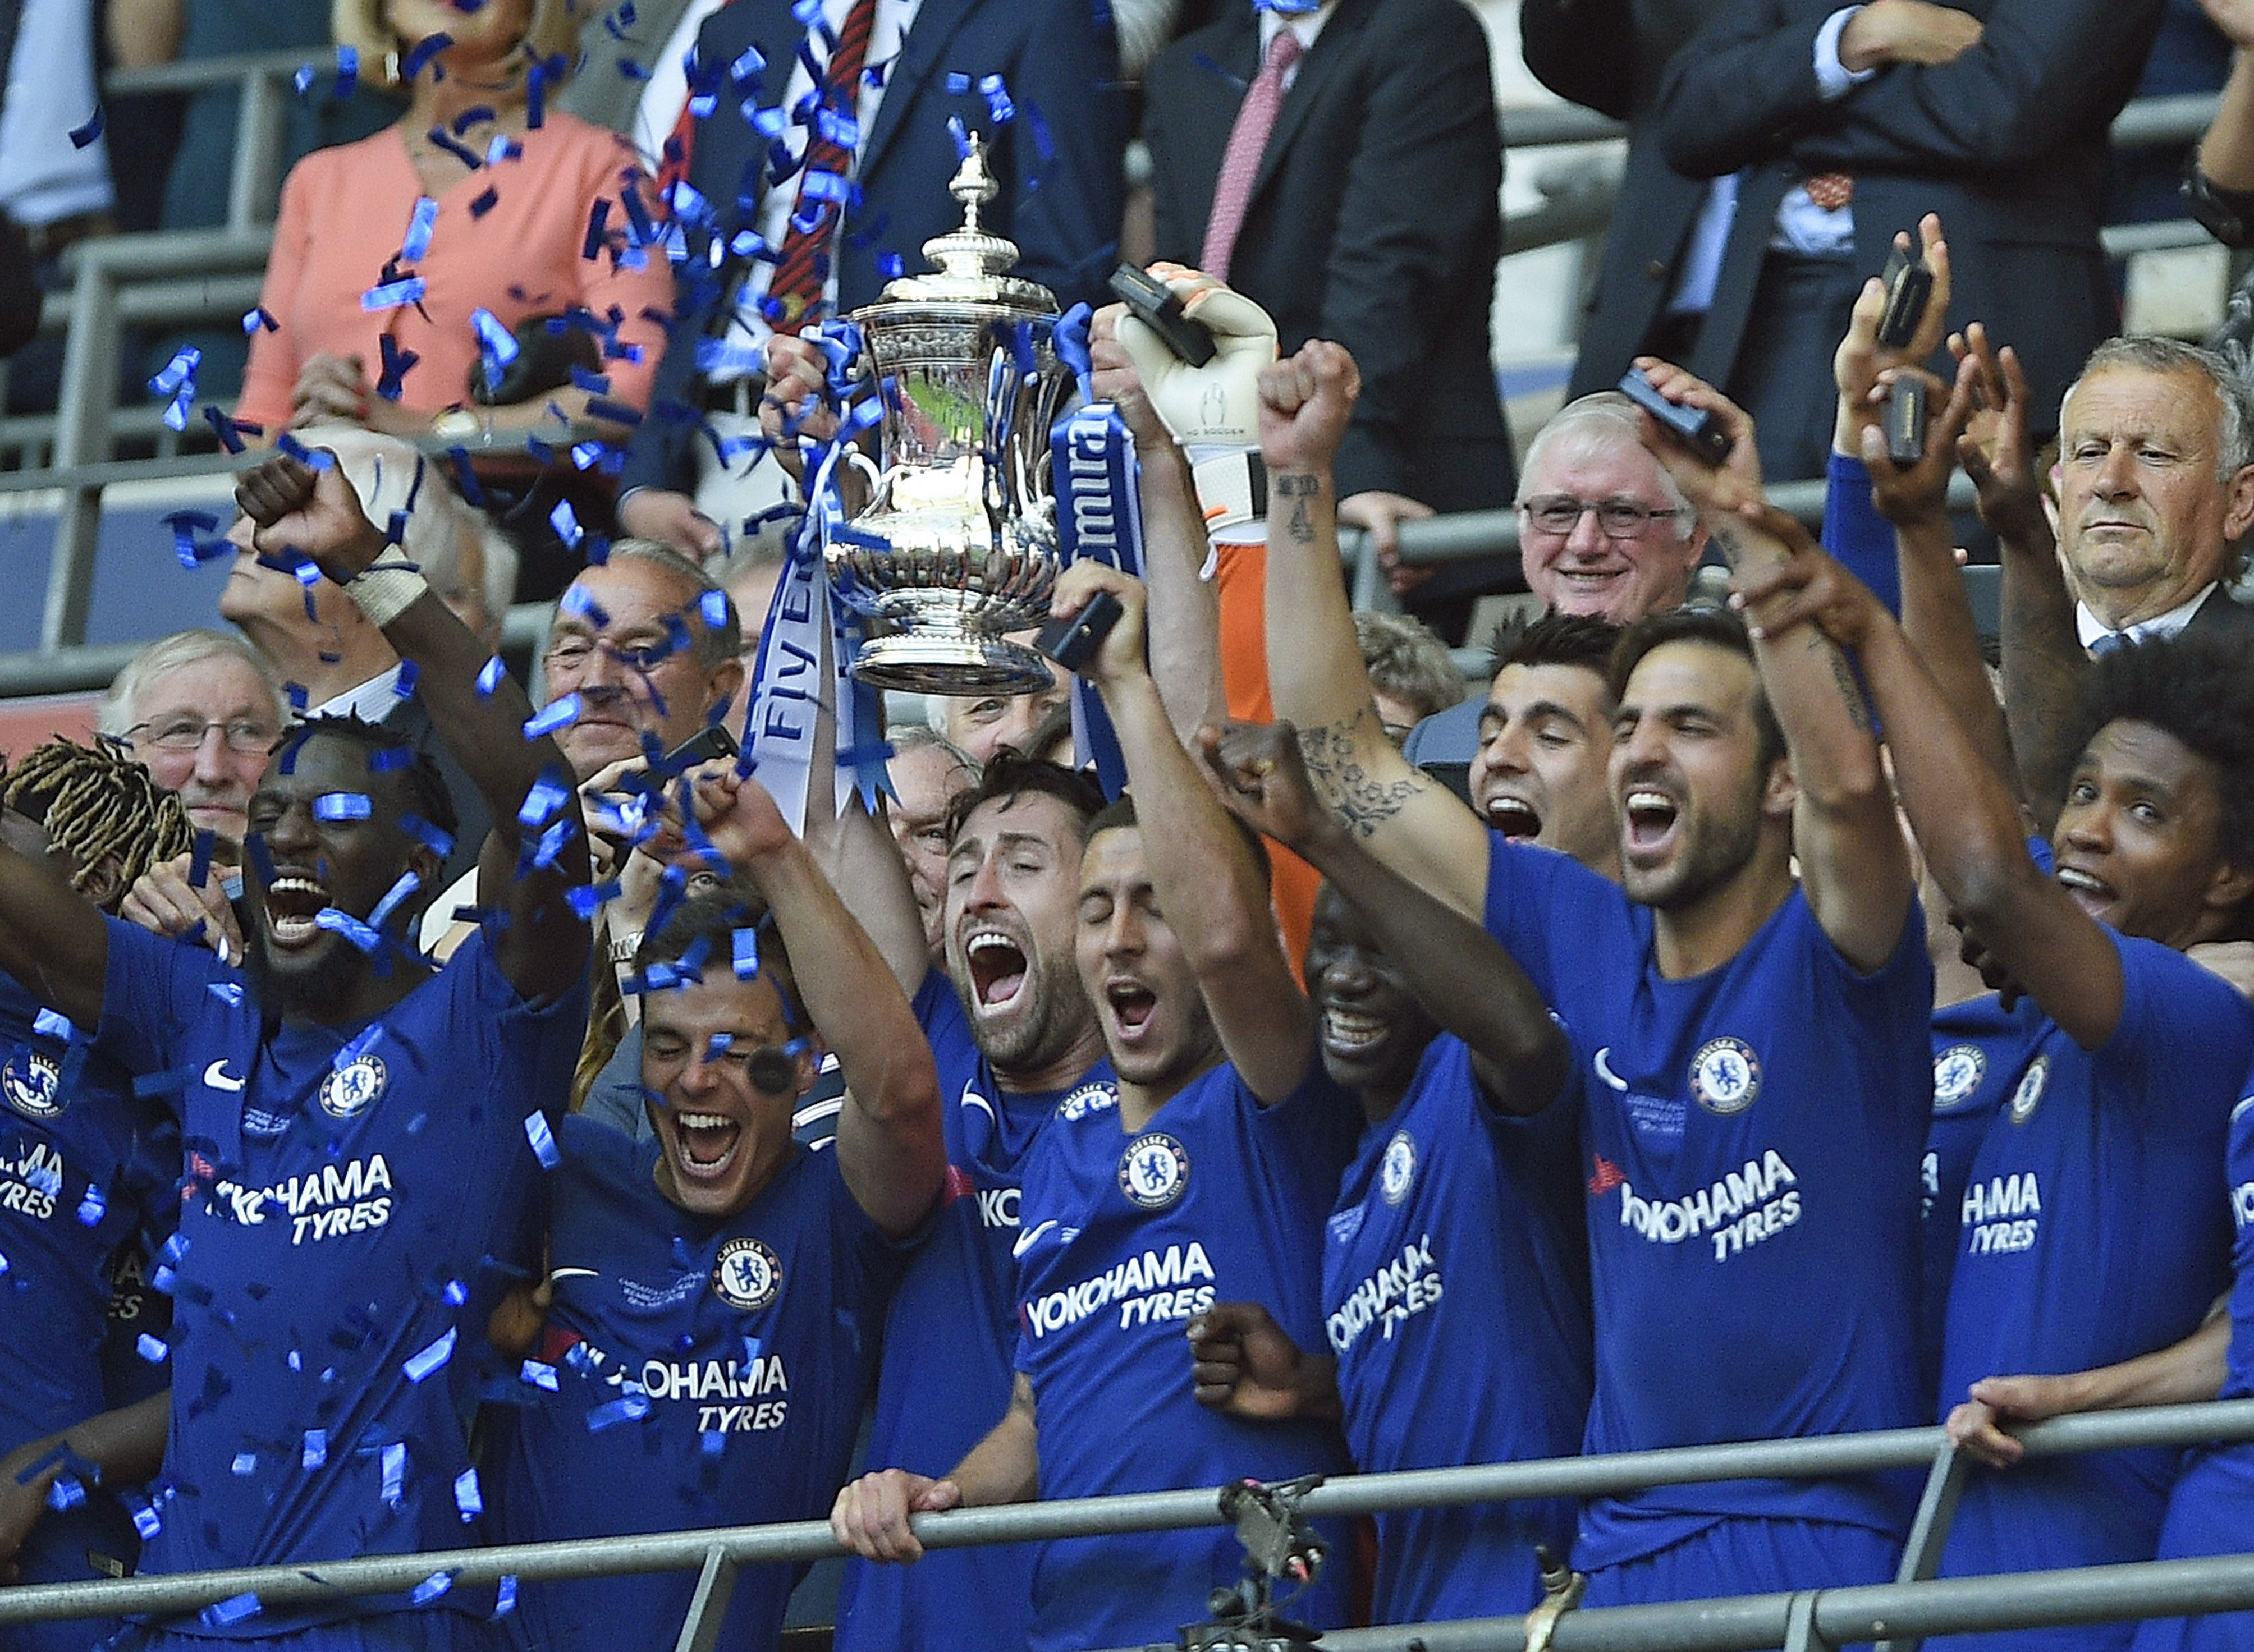 Chelsea se consagró campeón de la FA Cup. Foto: EFE